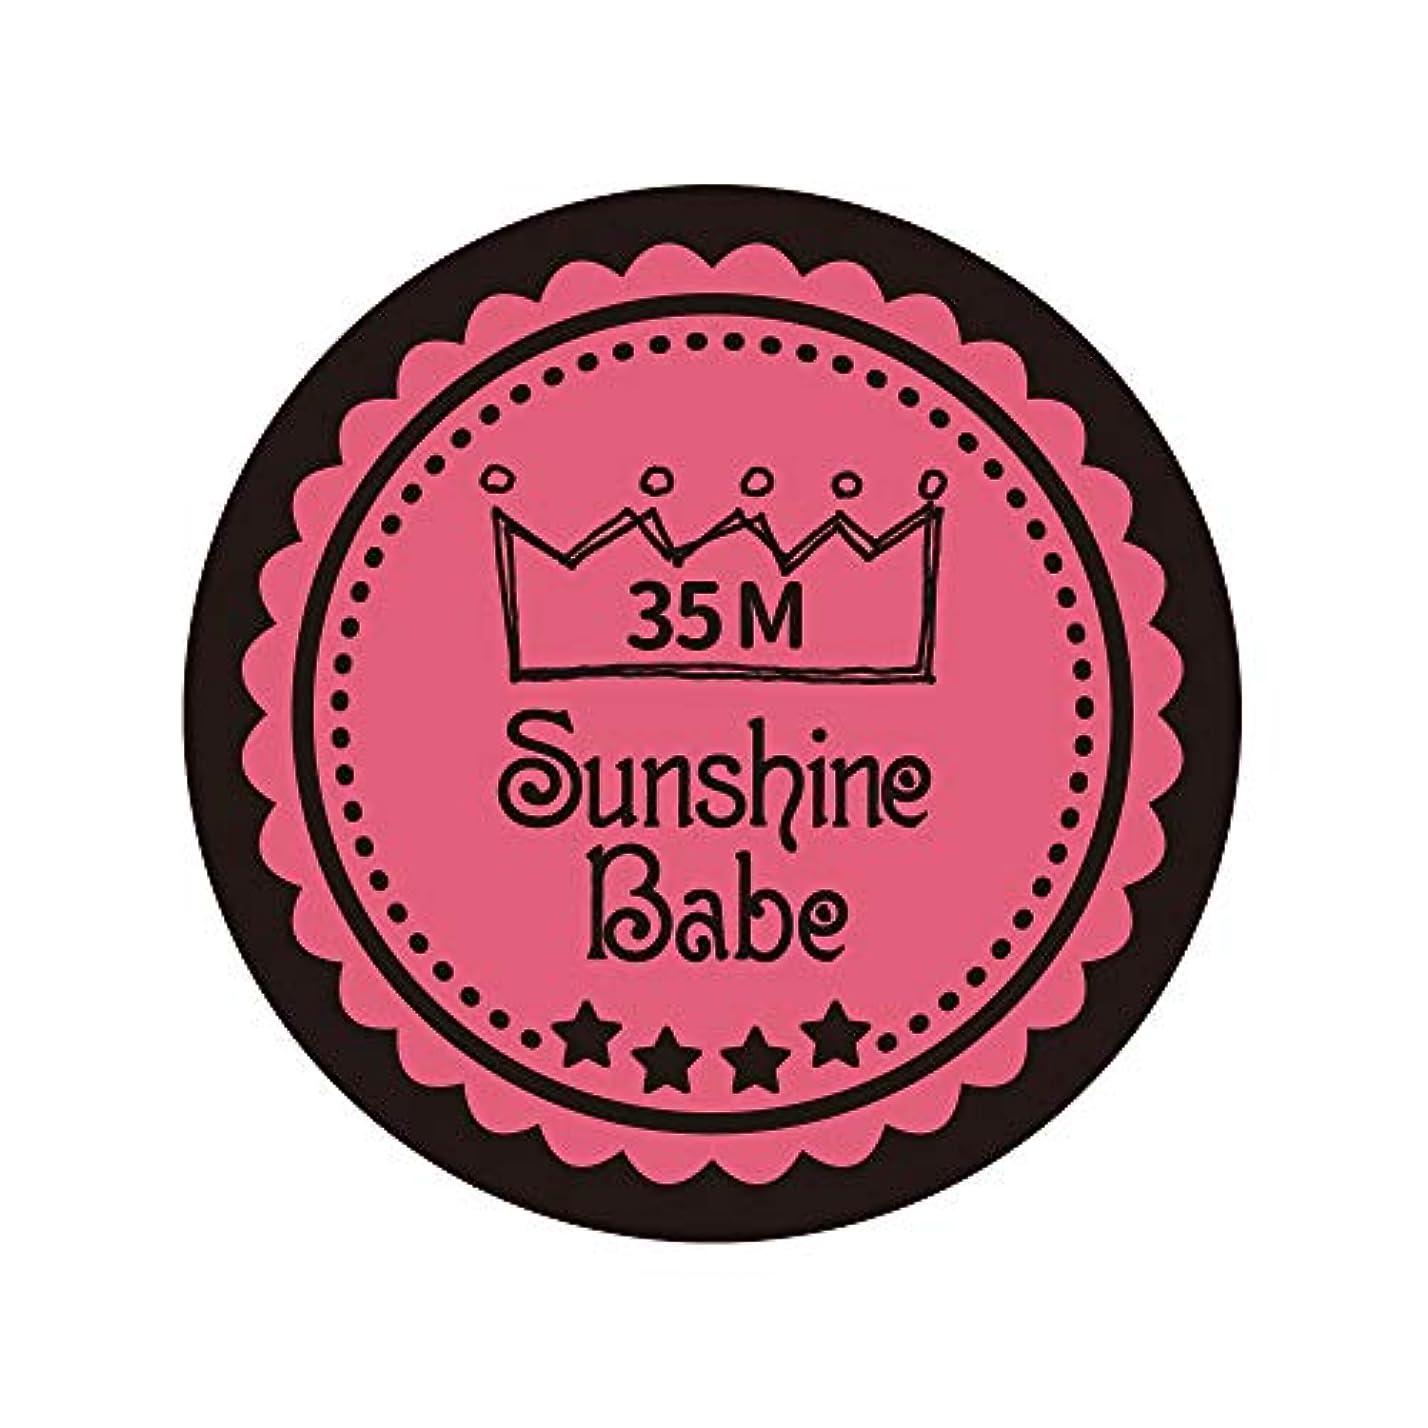 喉が渇いた優しい悲しいことにSunshine Babe カラージェル 35M ローズピンク 2.7g UV/LED対応